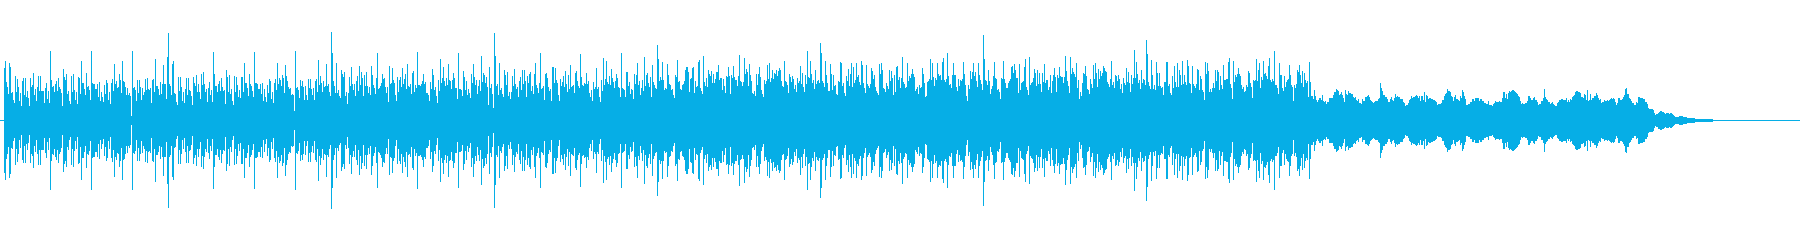 電子楽器。暗く、ロボット的で、エネ...の再生済みの波形